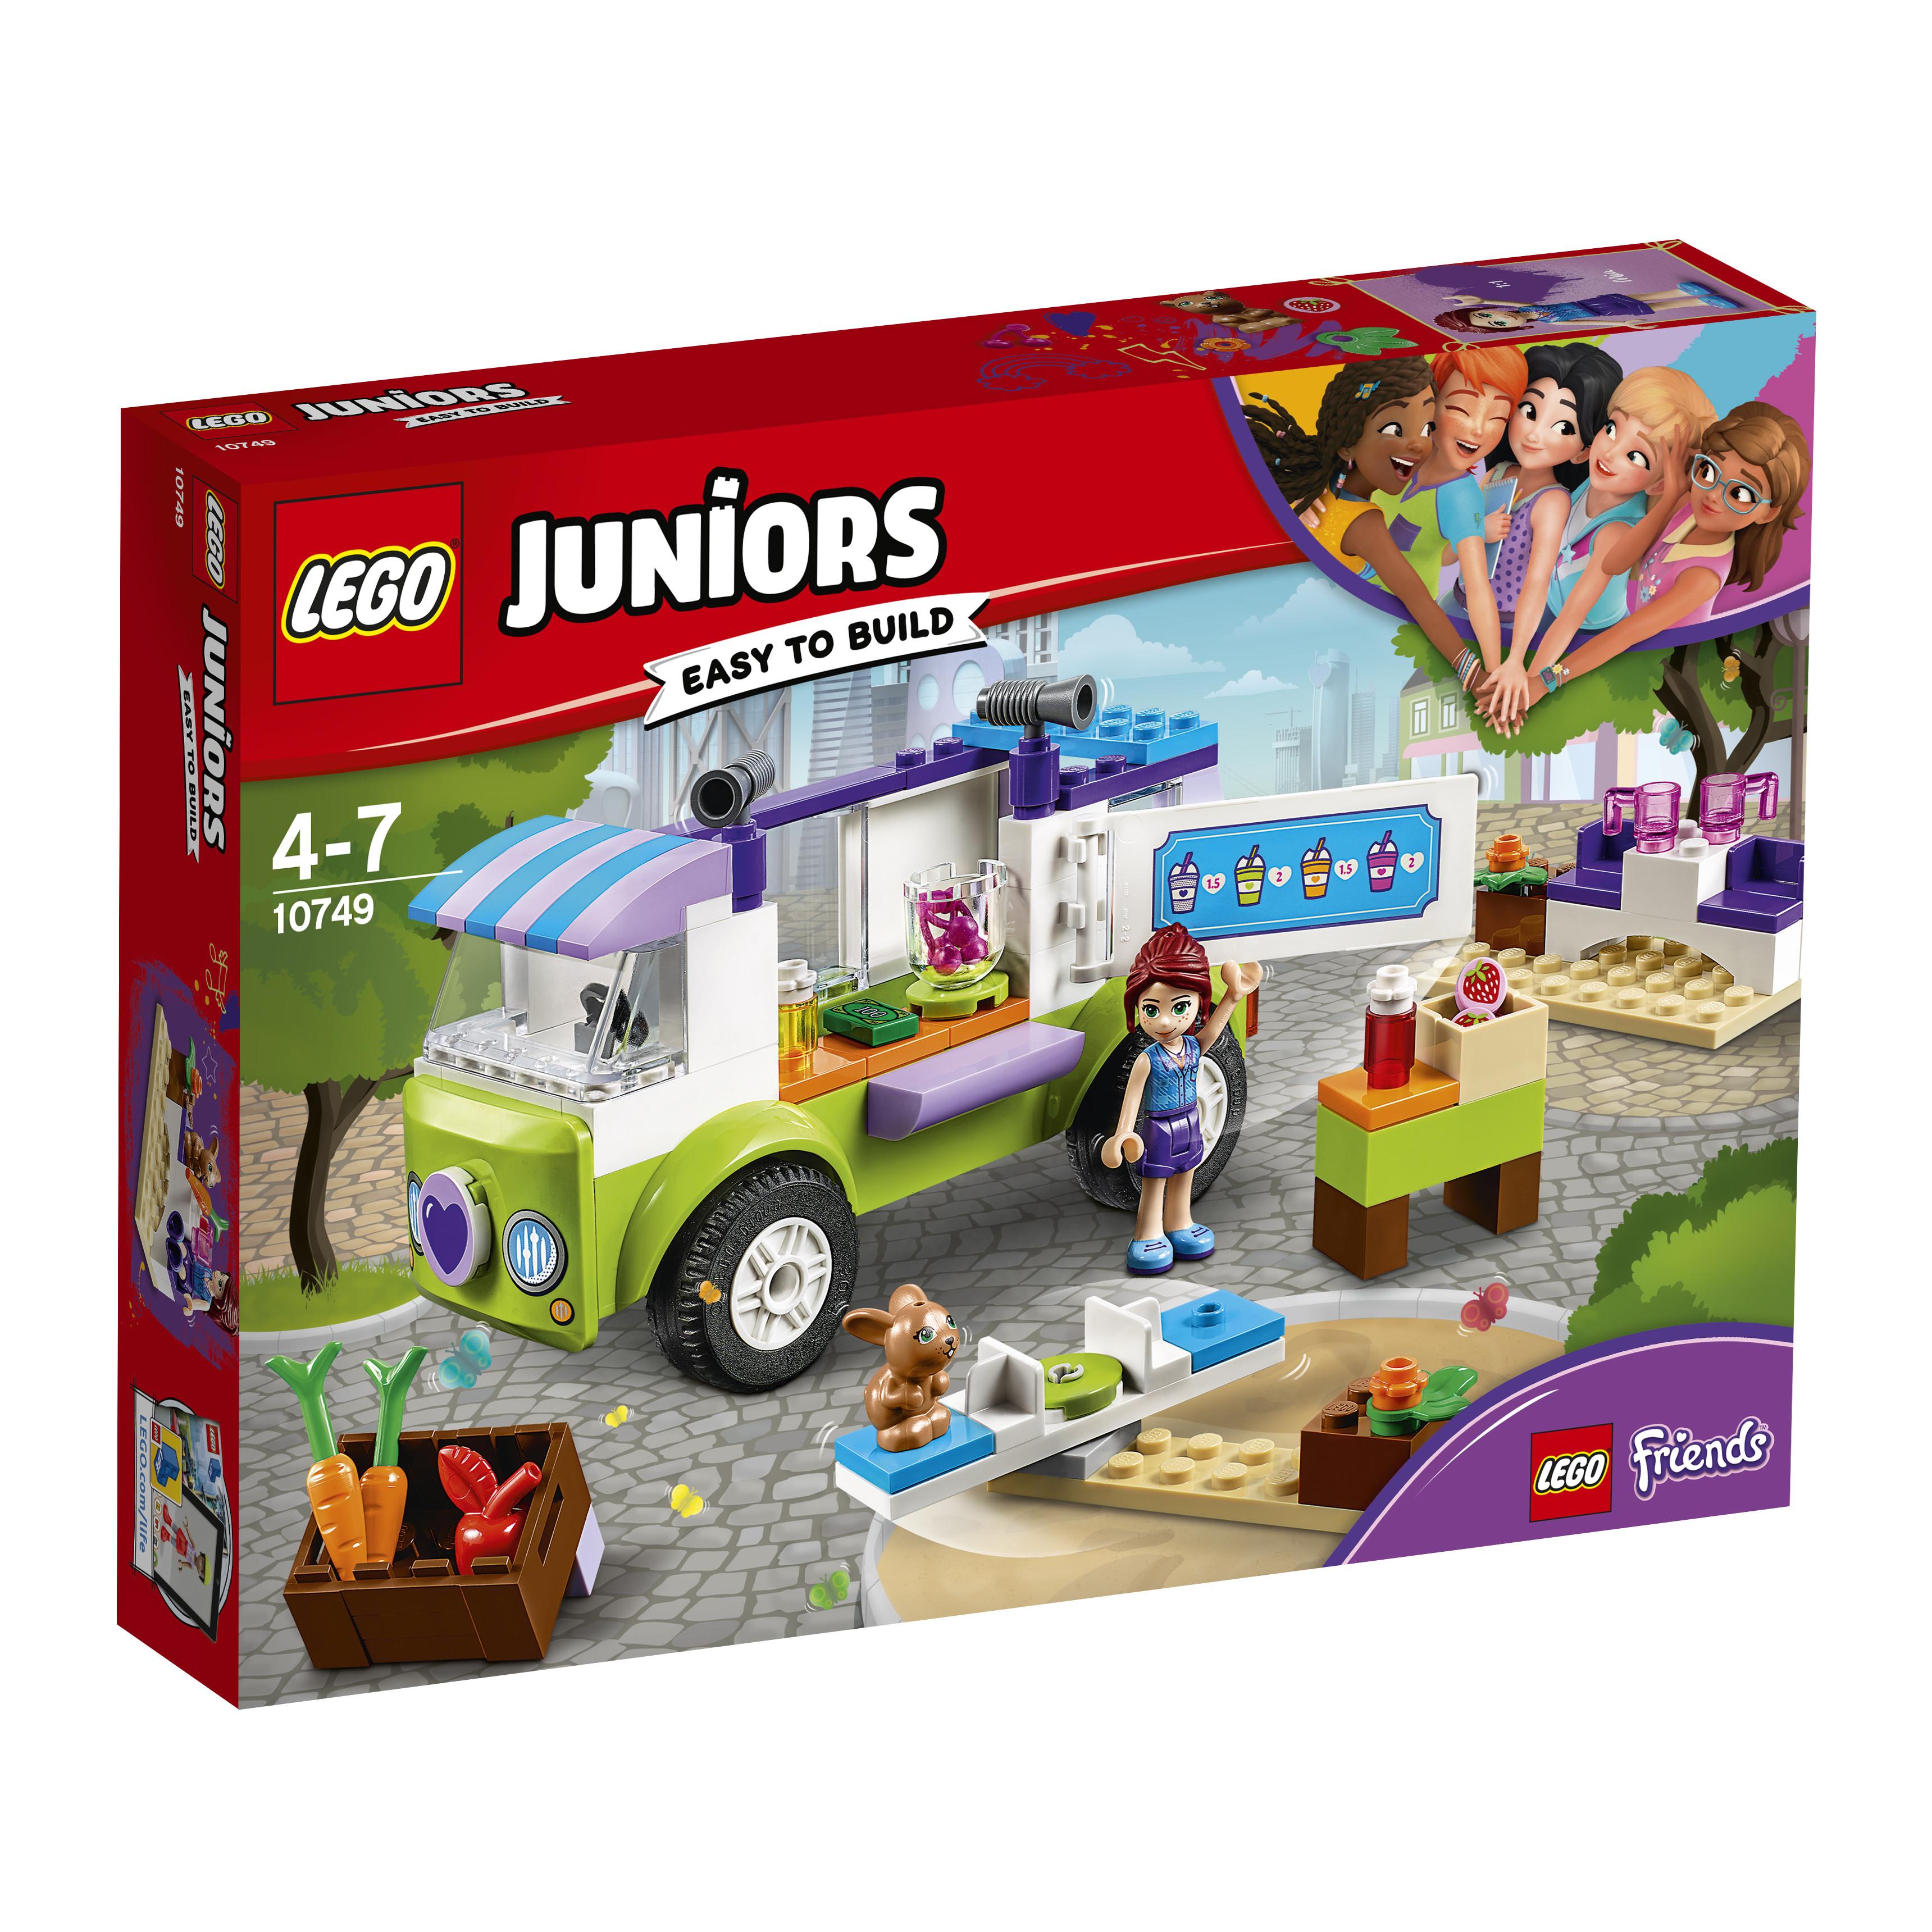 Конструктор LEGO Juniors 10749 Рынок органических продуктов цена